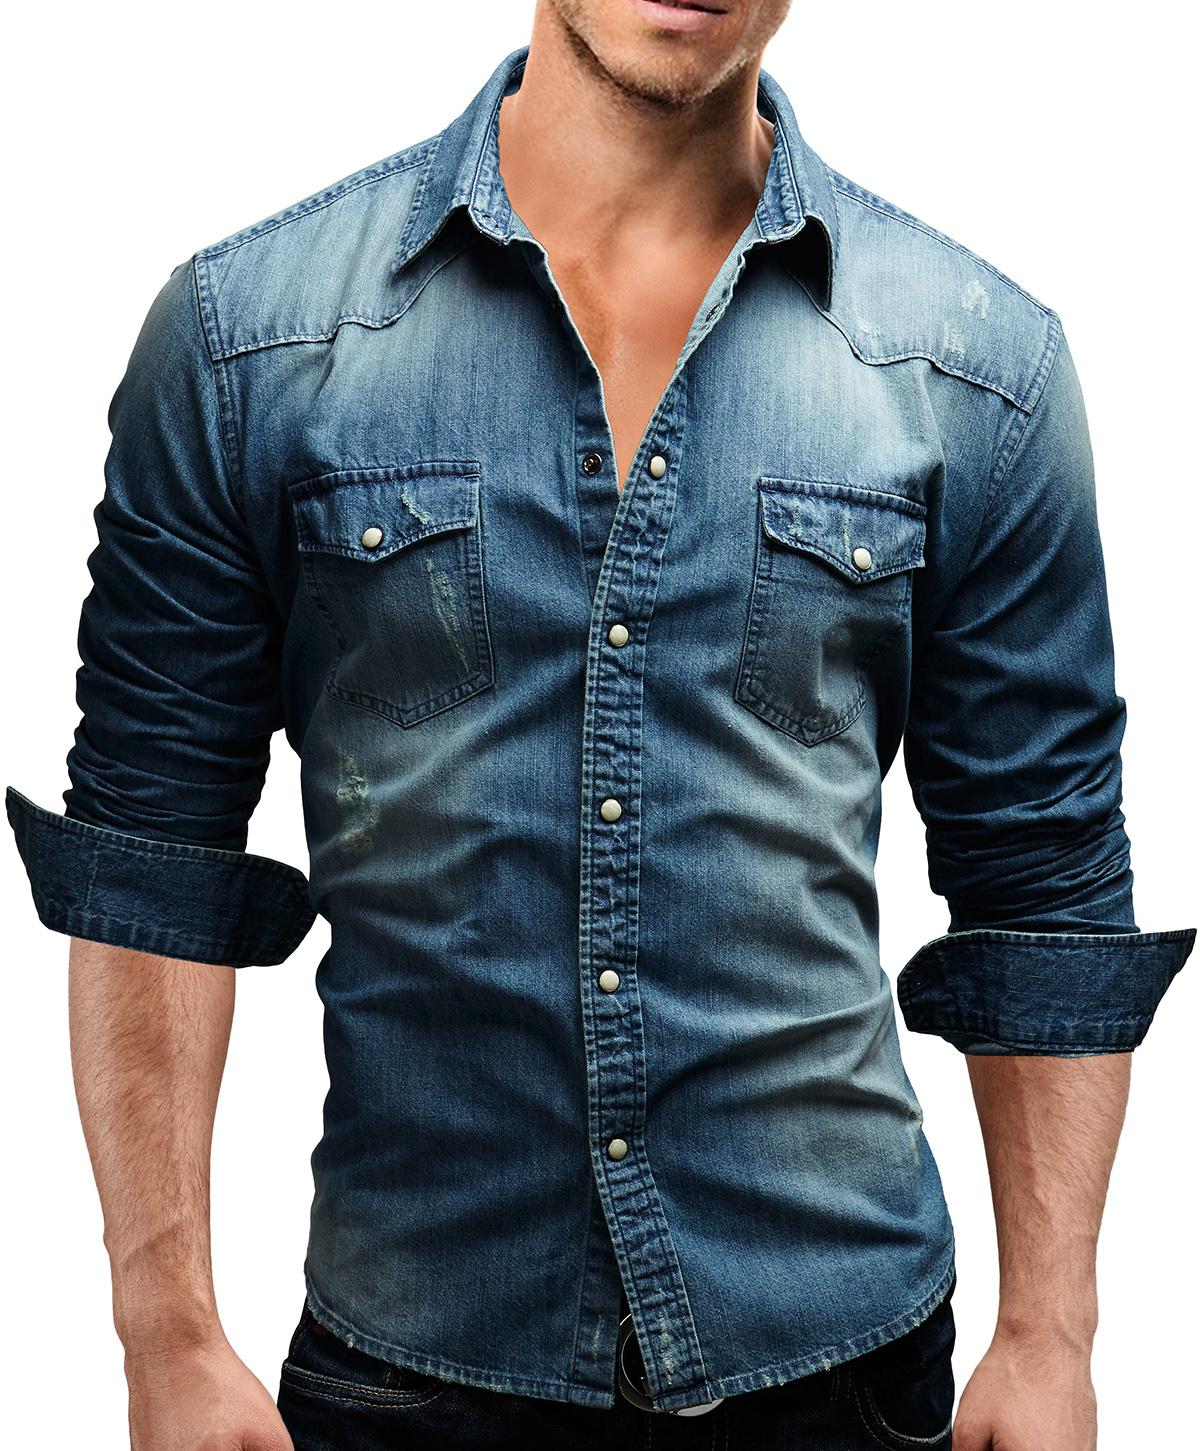 Merish Chemise Homme Jeans Slim Fit Coup D 39 Oeil Utilis